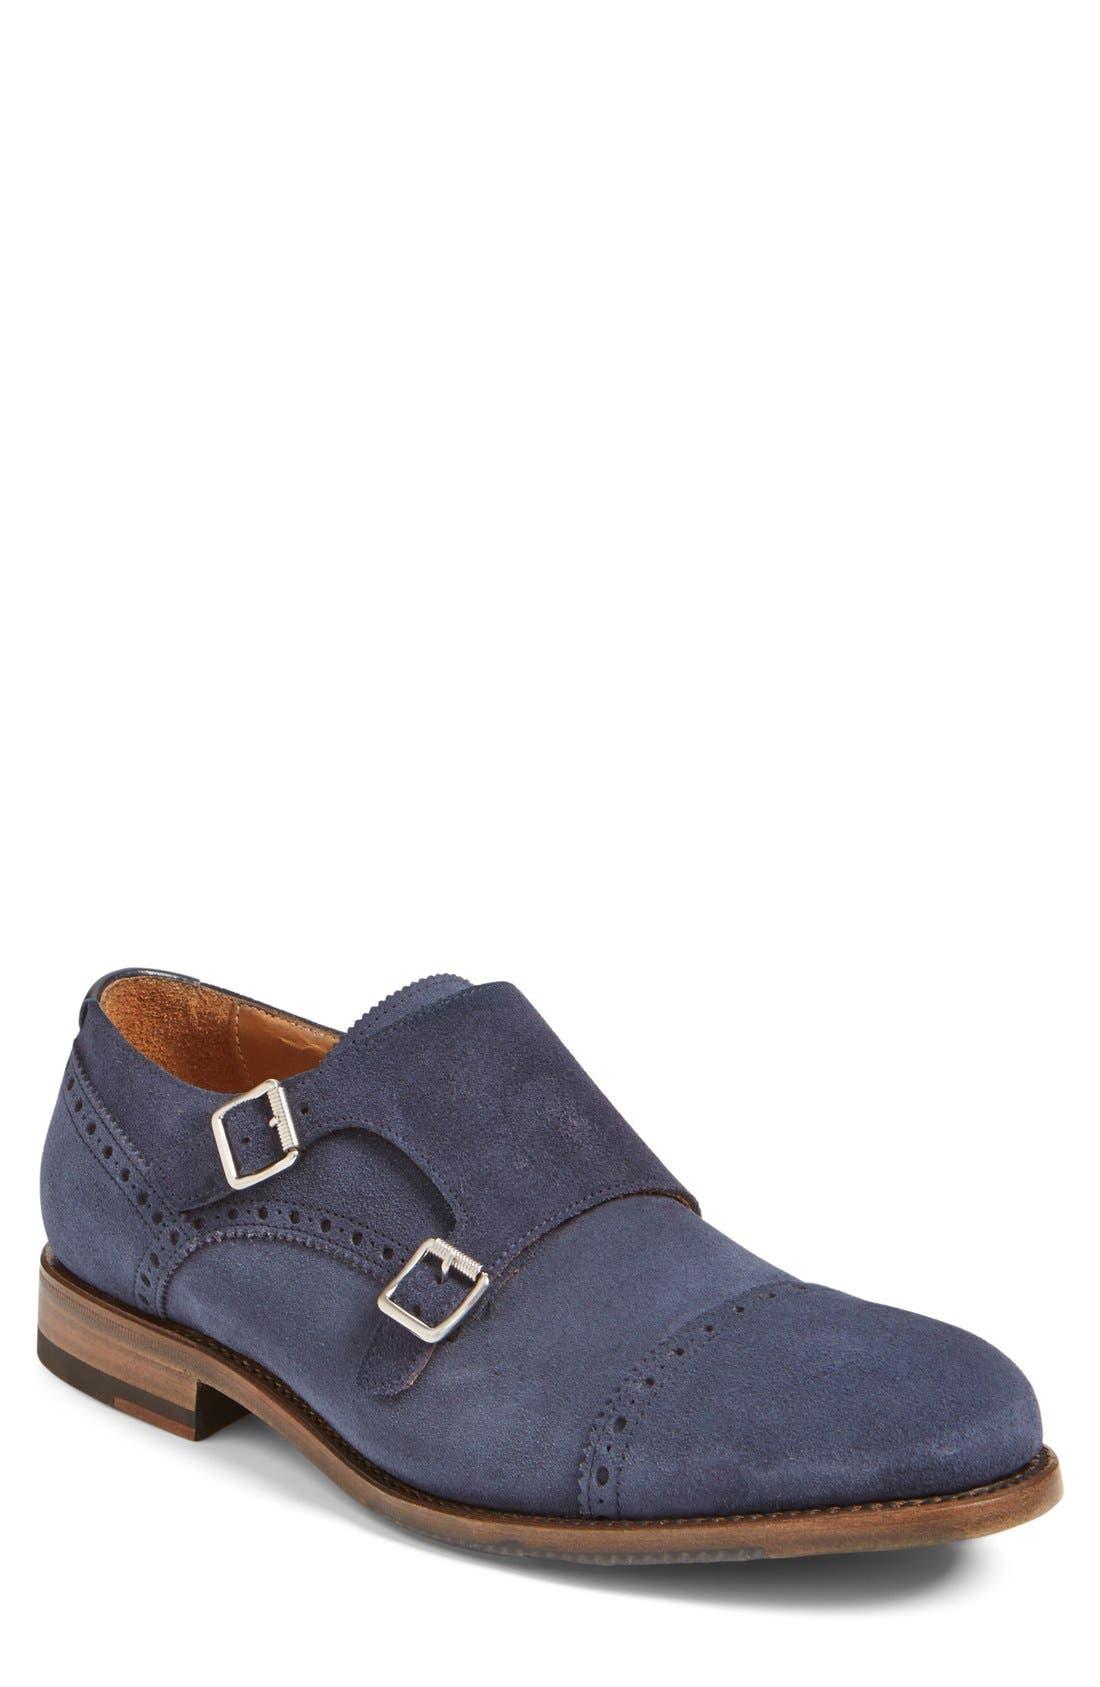 AQUATALIA Fallon Weatherproof Monk Strap Shoe